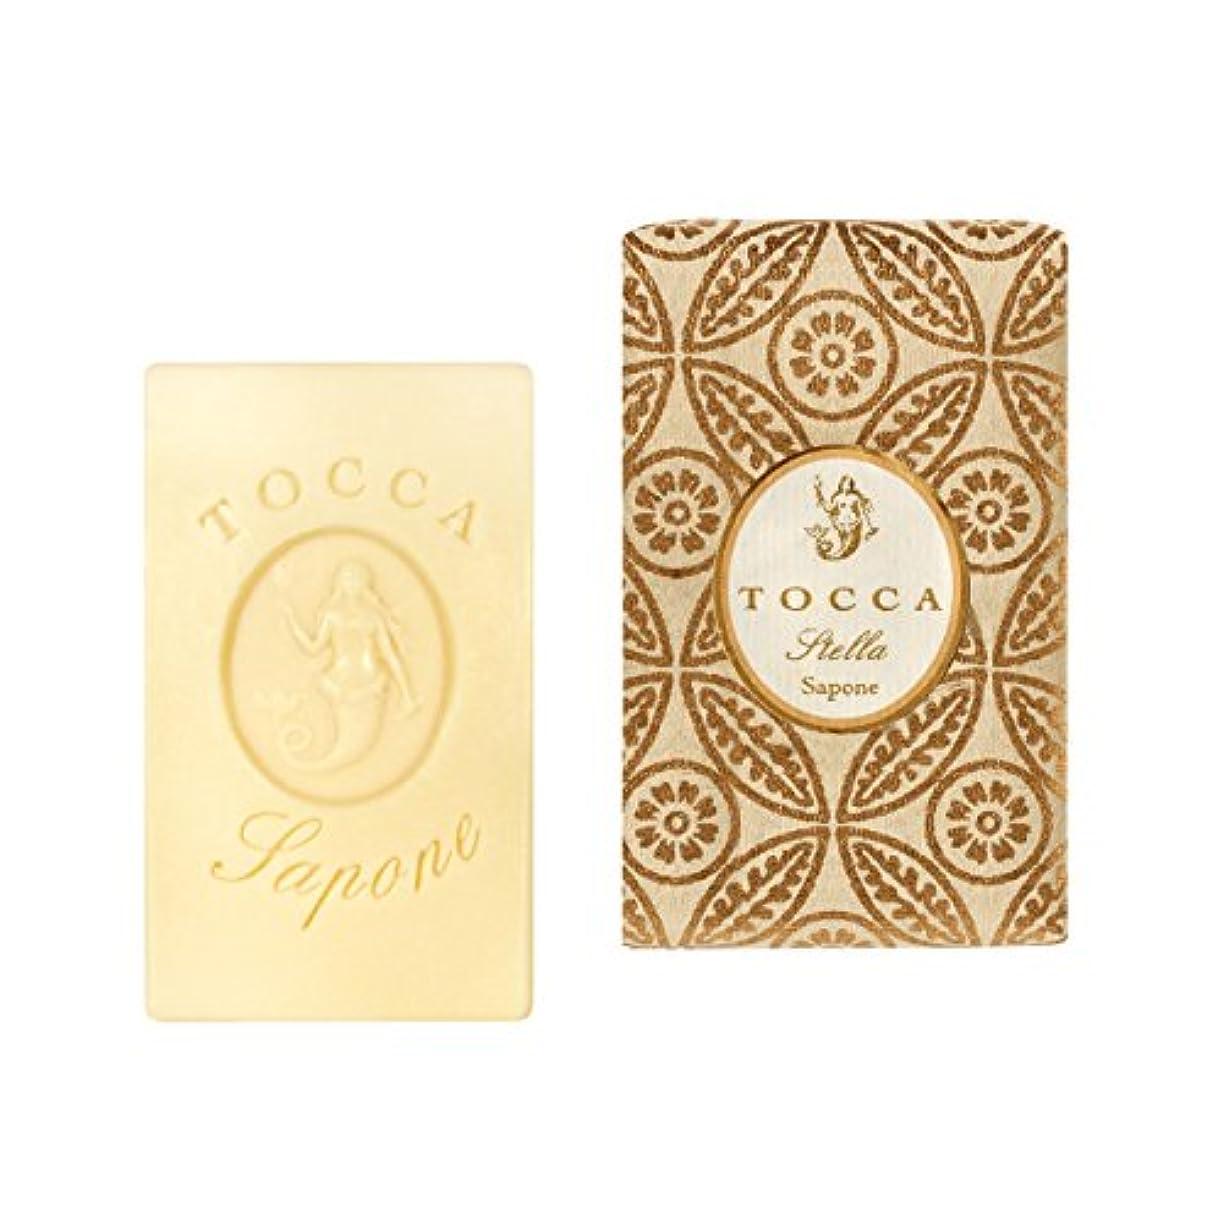 半導体本能珍味トッカ(TOCCA) ソープバー ステラの香り 113g(石けん 化粧石けん イタリアンブラッドオレンジが奏でるフレッシュでビターな爽やかさ漂う香り)